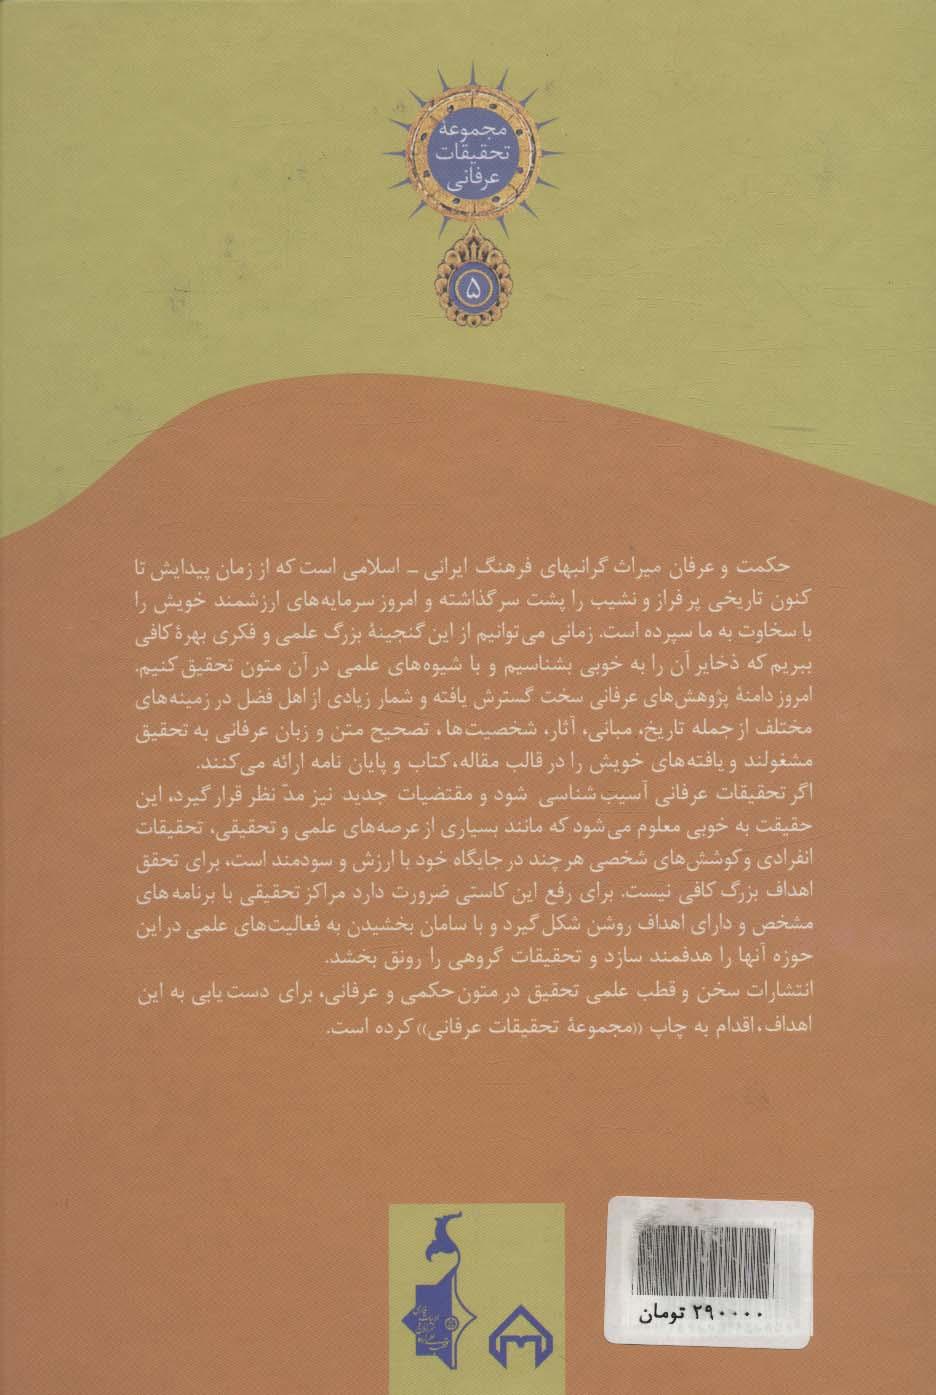 تفسیر عرفانی قرآن منسوب به امام جعفر صادق (تحقیقات عرفانی 5)